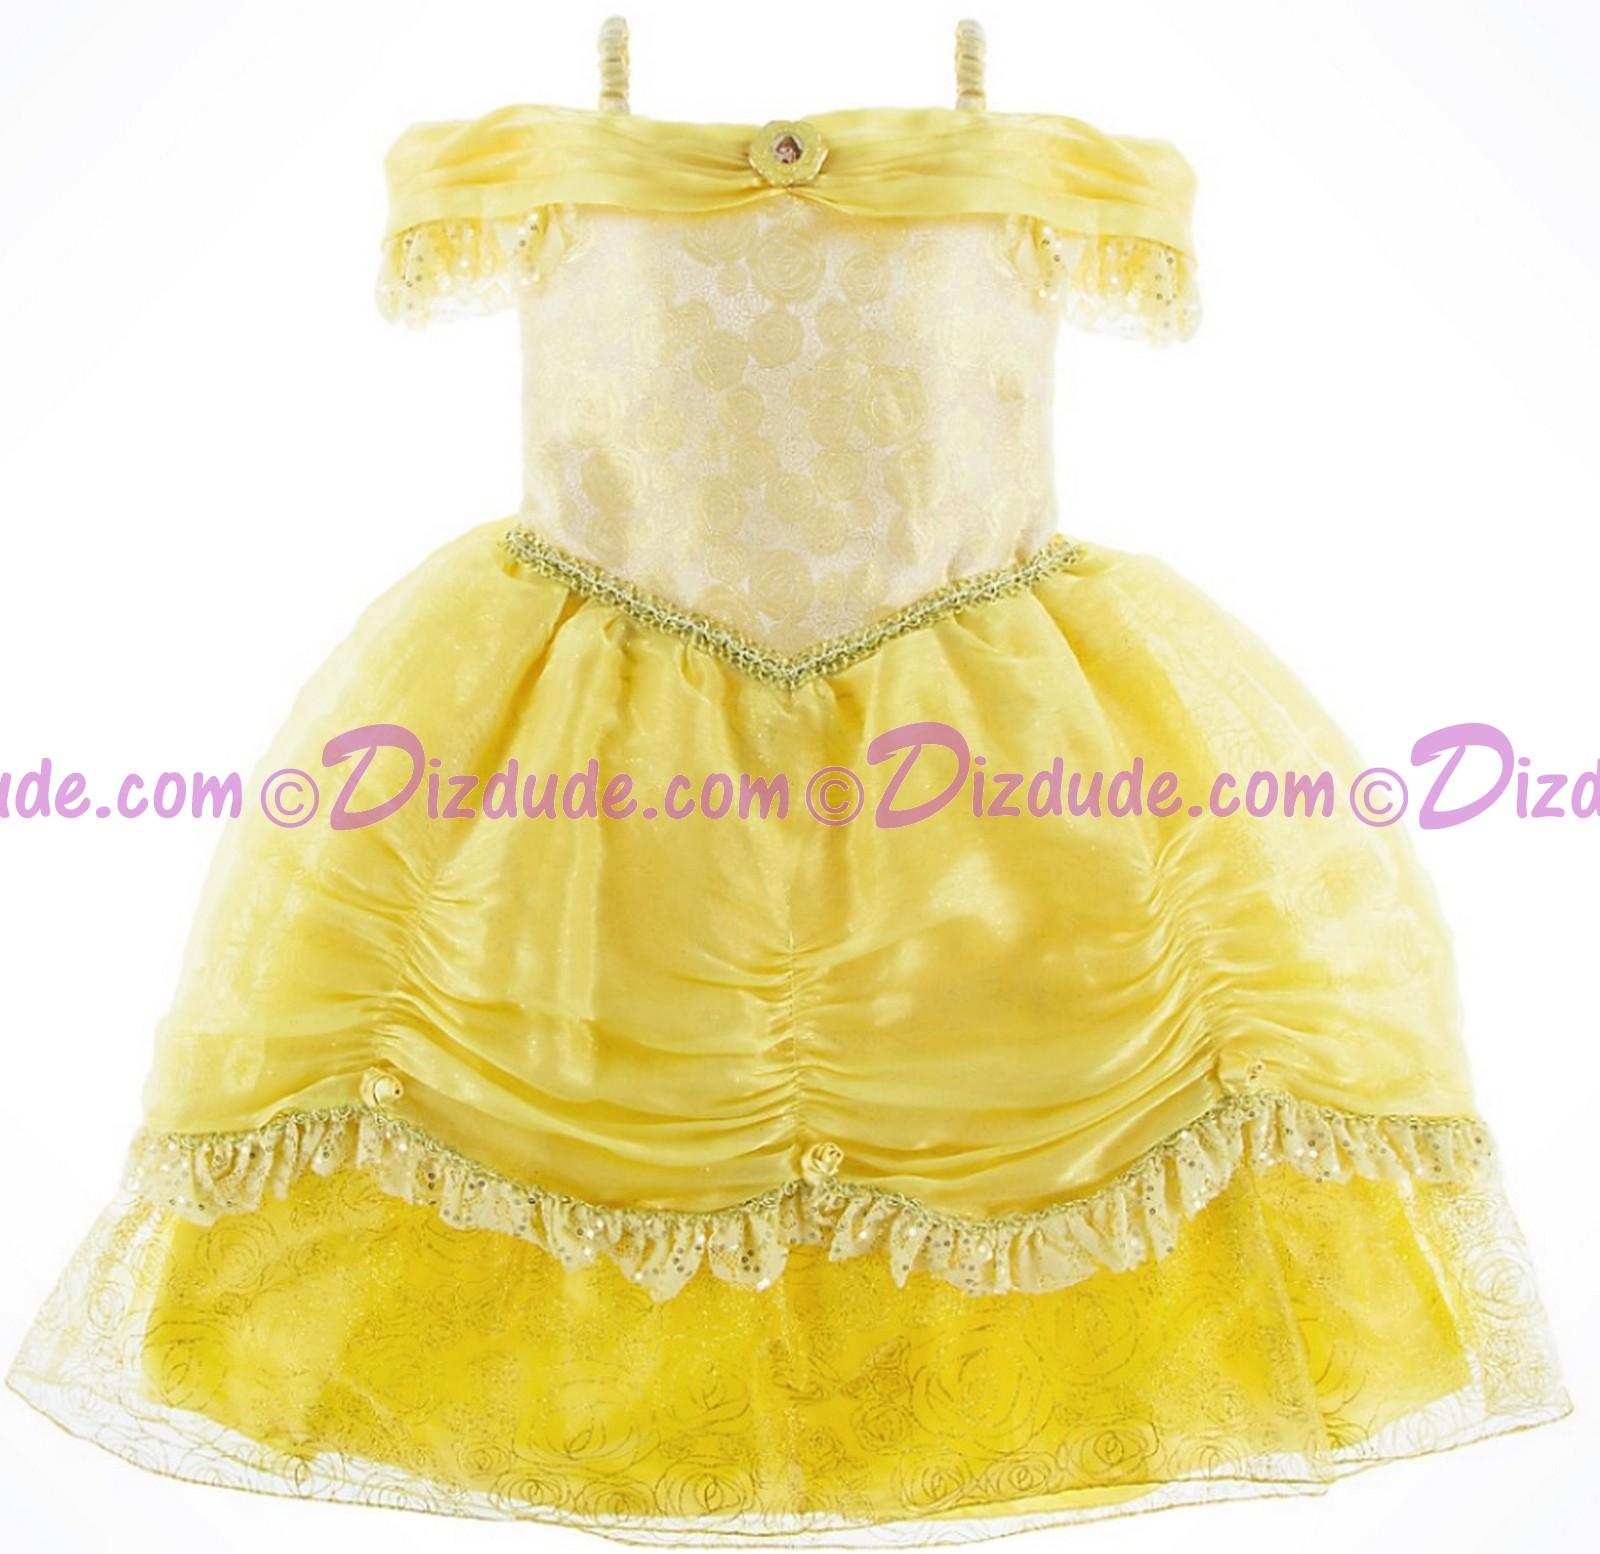 (SOLD OUT) Disney Theme Park Princess Belle Dress